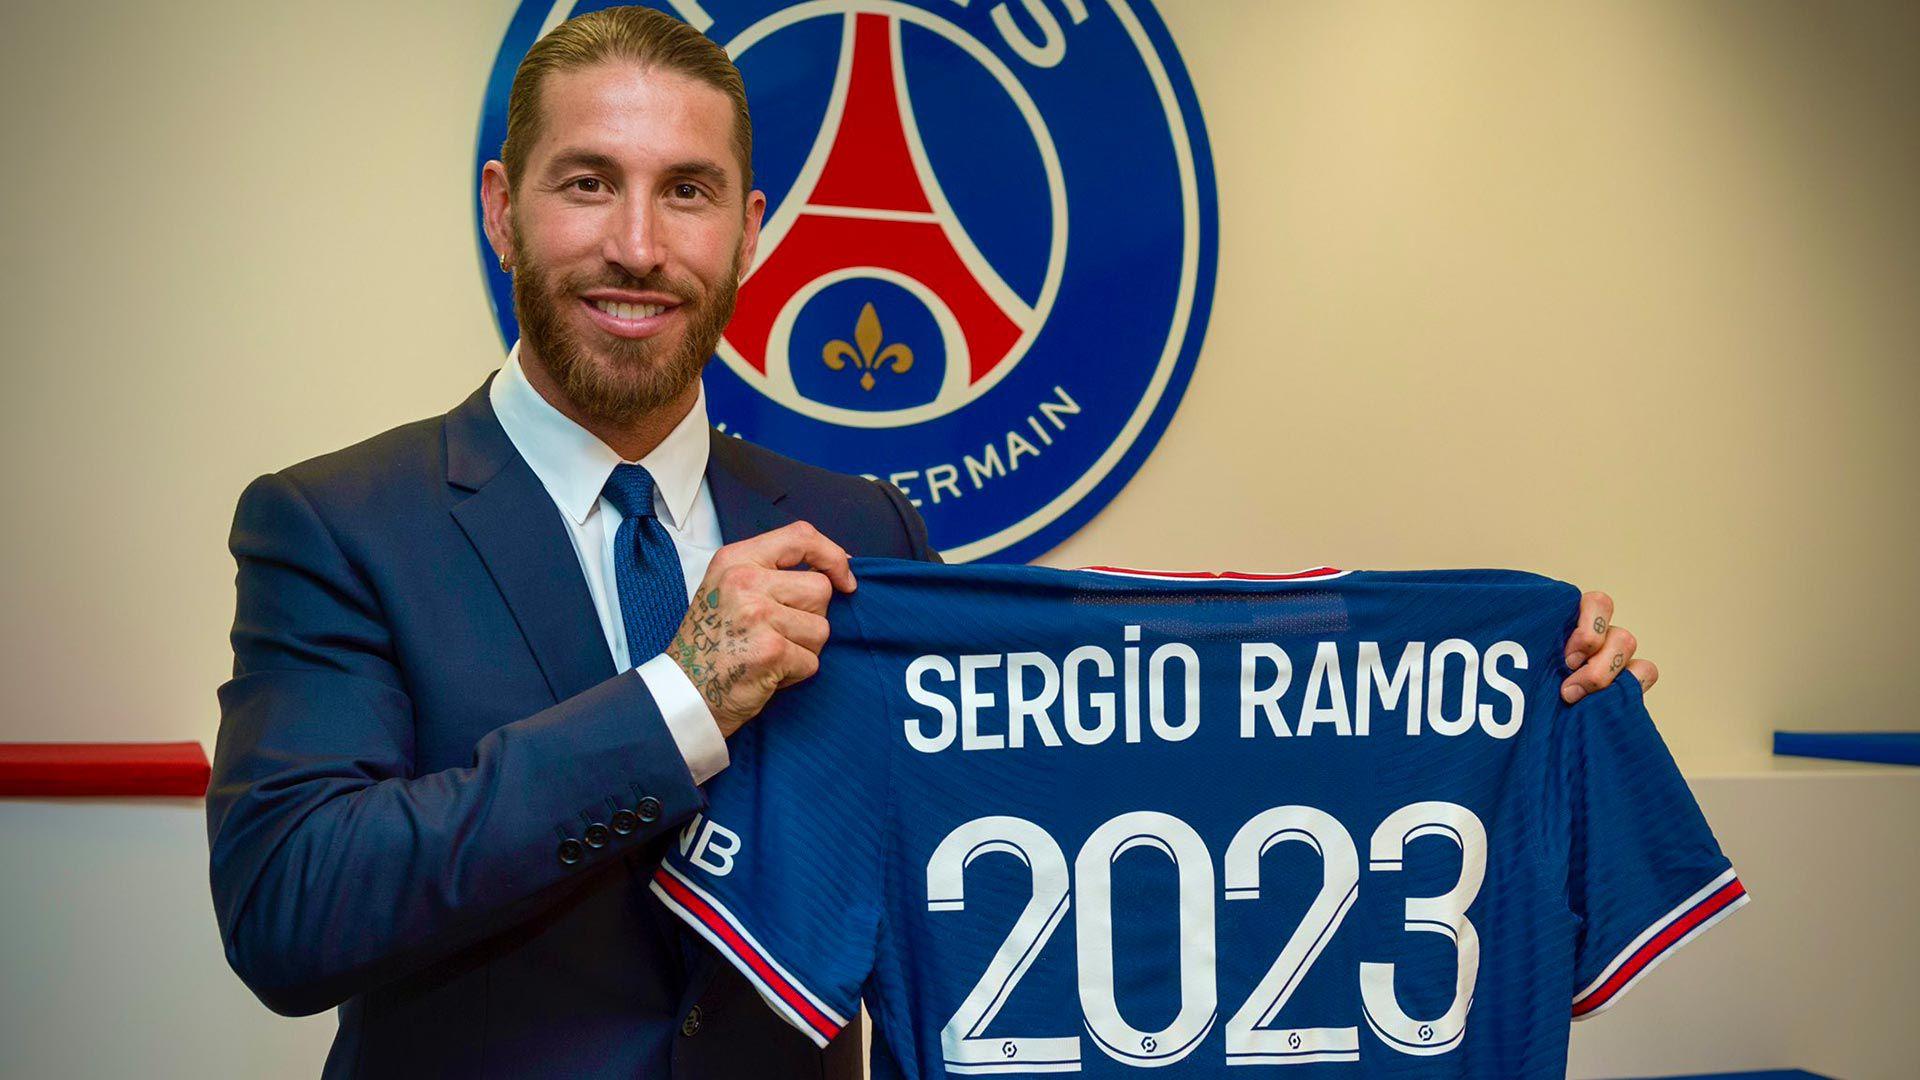 Sergio Ramos PSG 1920